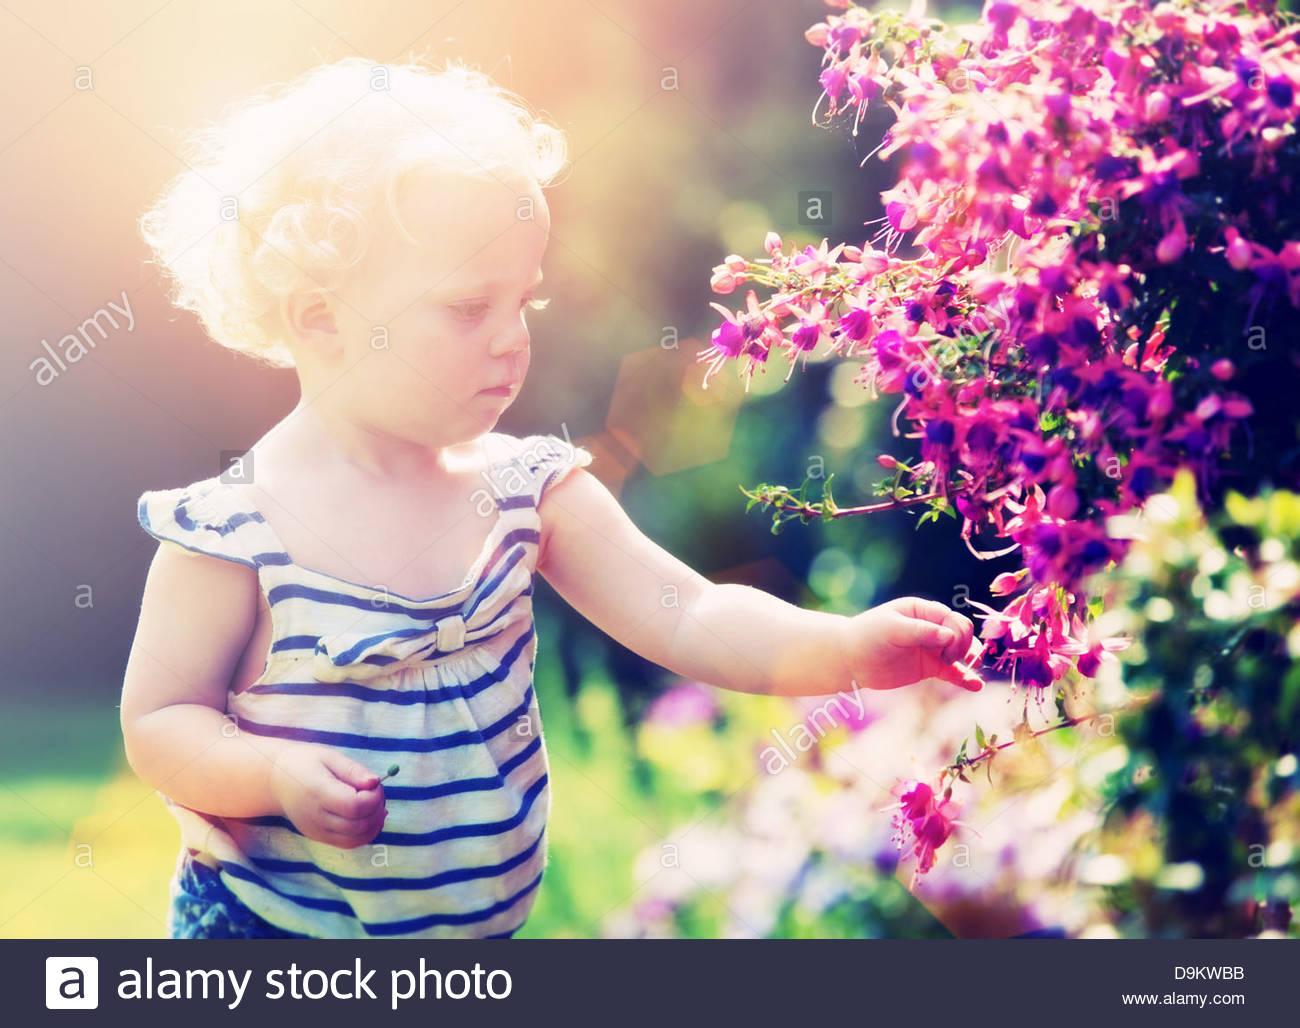 Kleinkind Blumen pflücken Stockbild